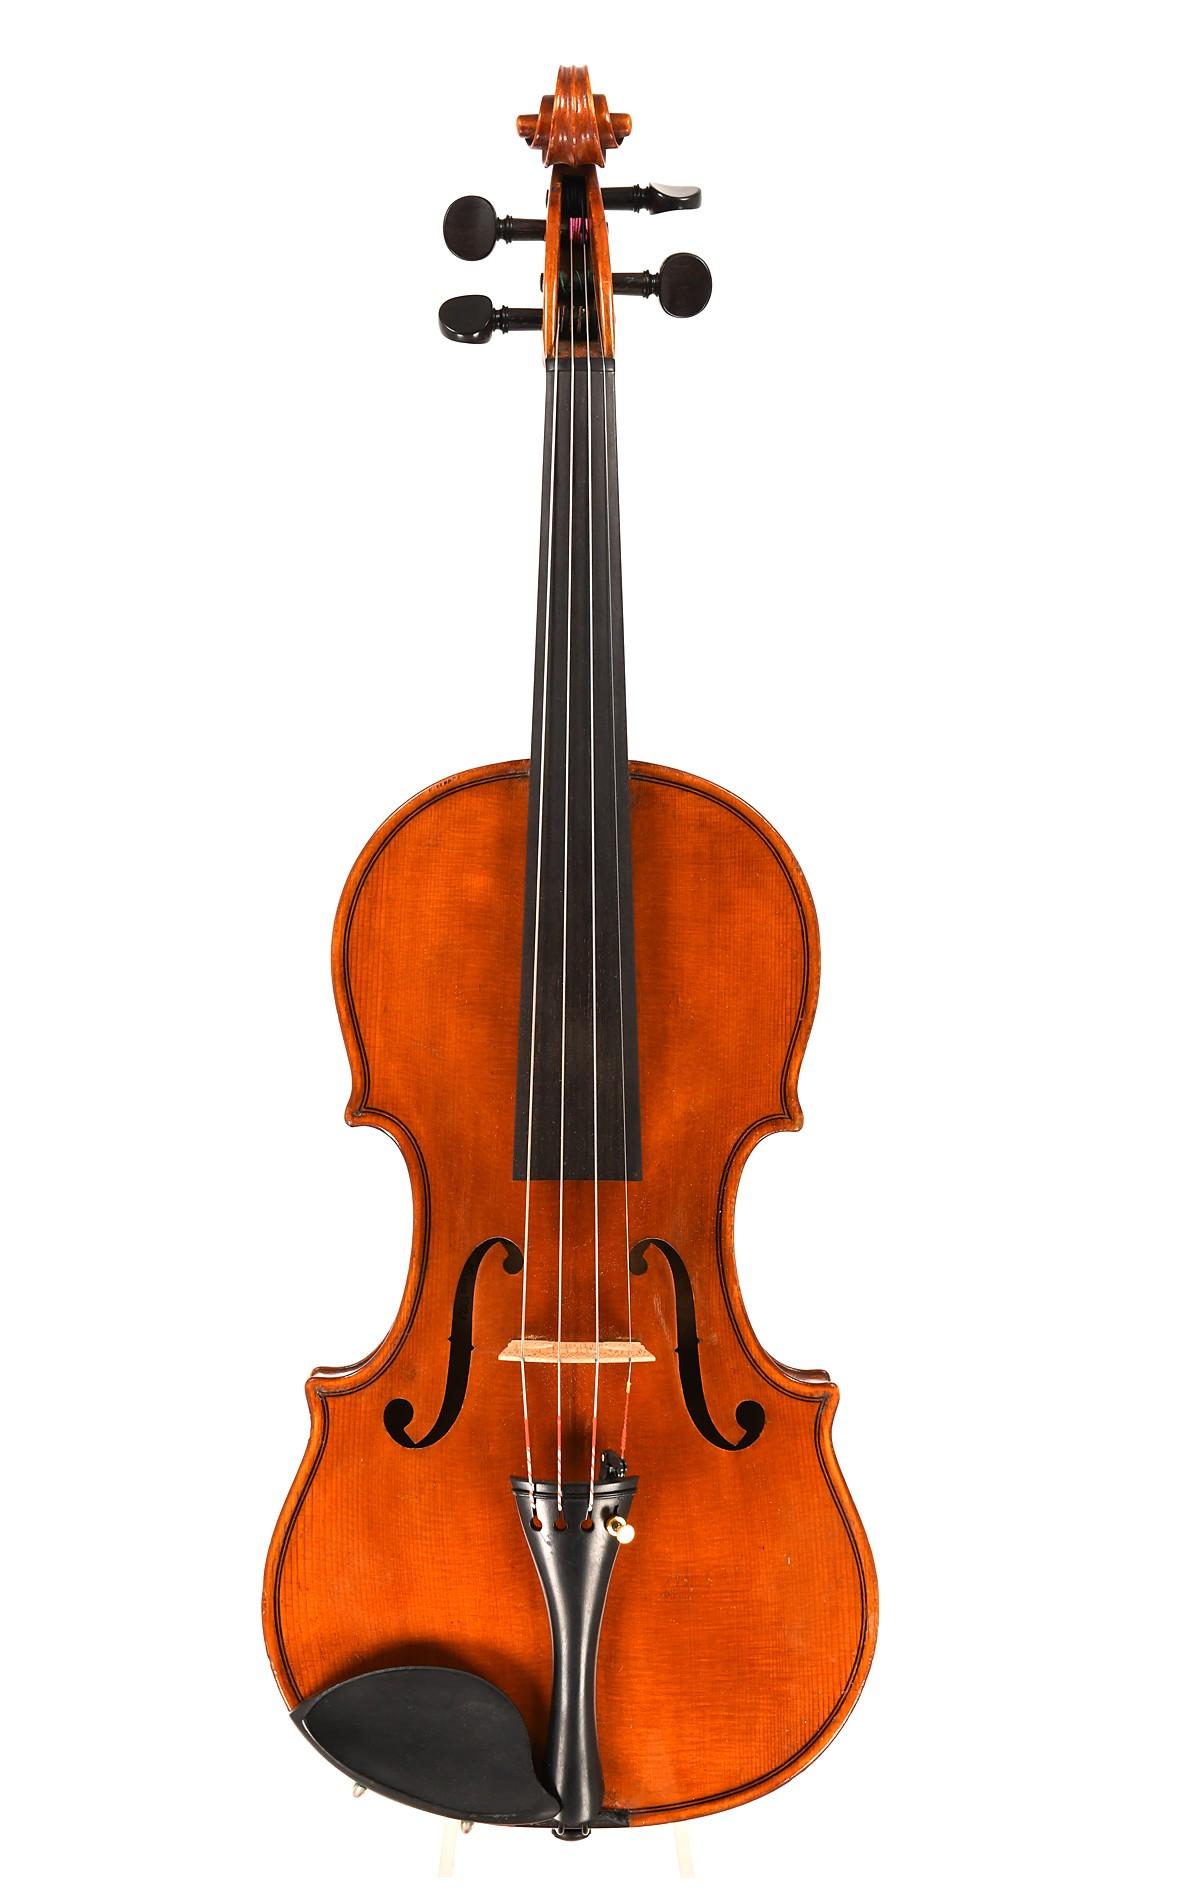 Fine Italian violin, Liuteria Luigi Mozzani